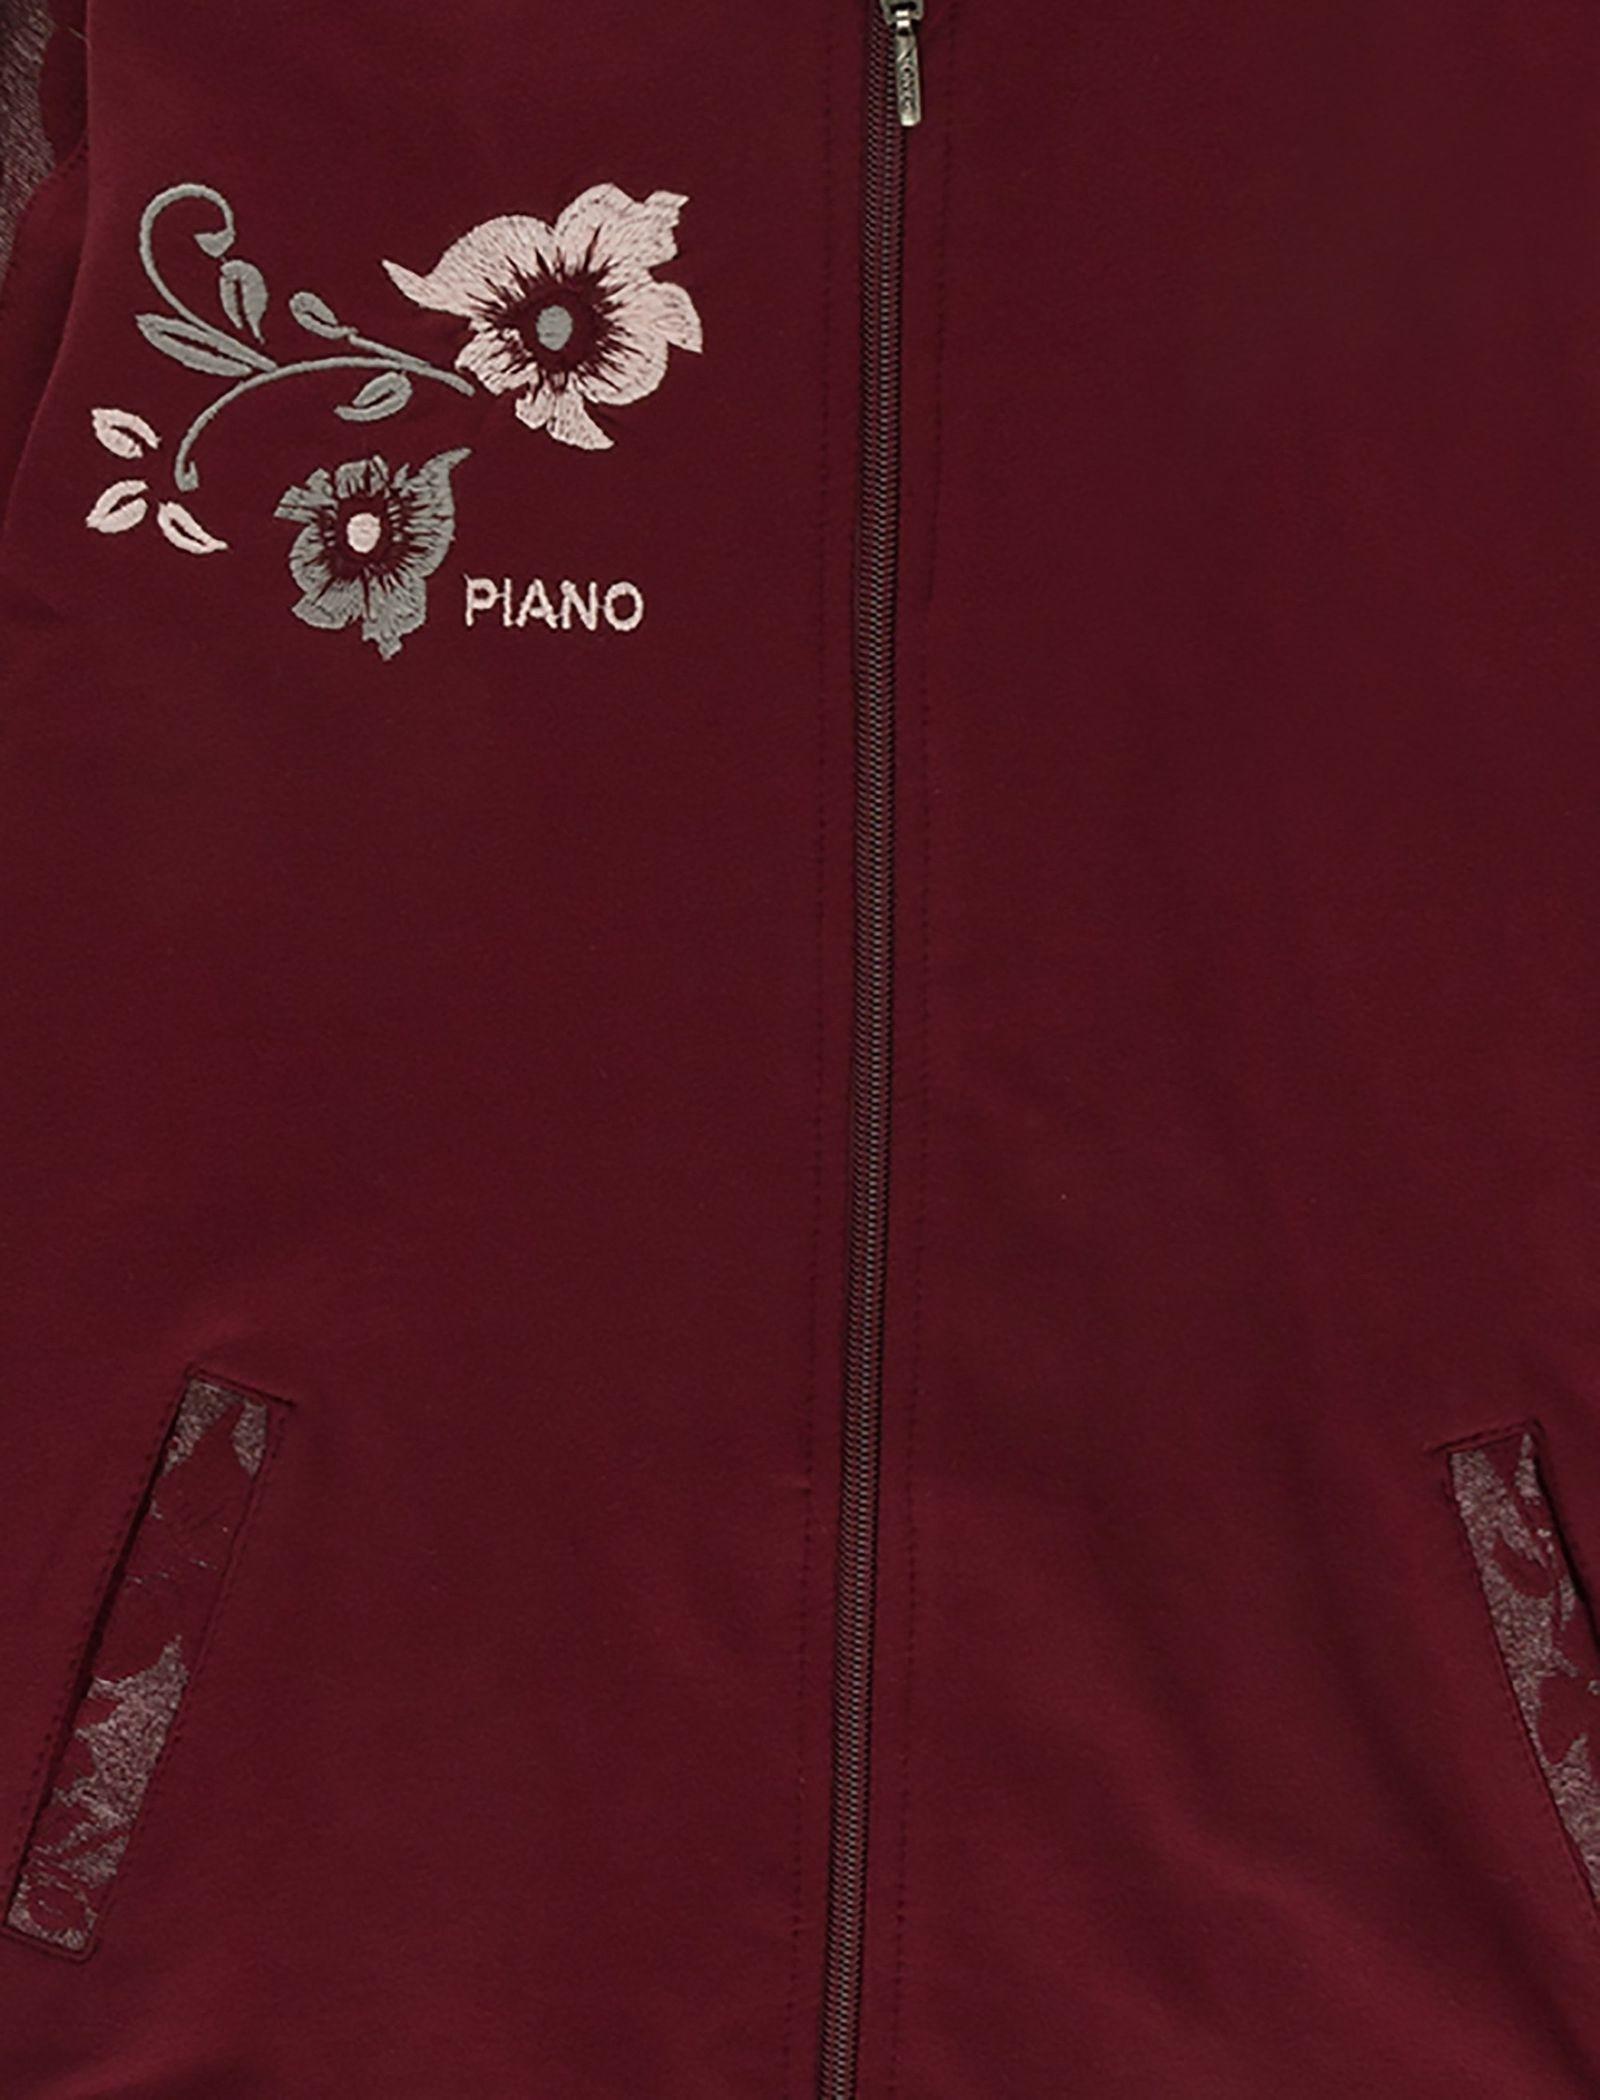 هودی و شلوار نخی دخترانه - پیانو - قرمز - 7